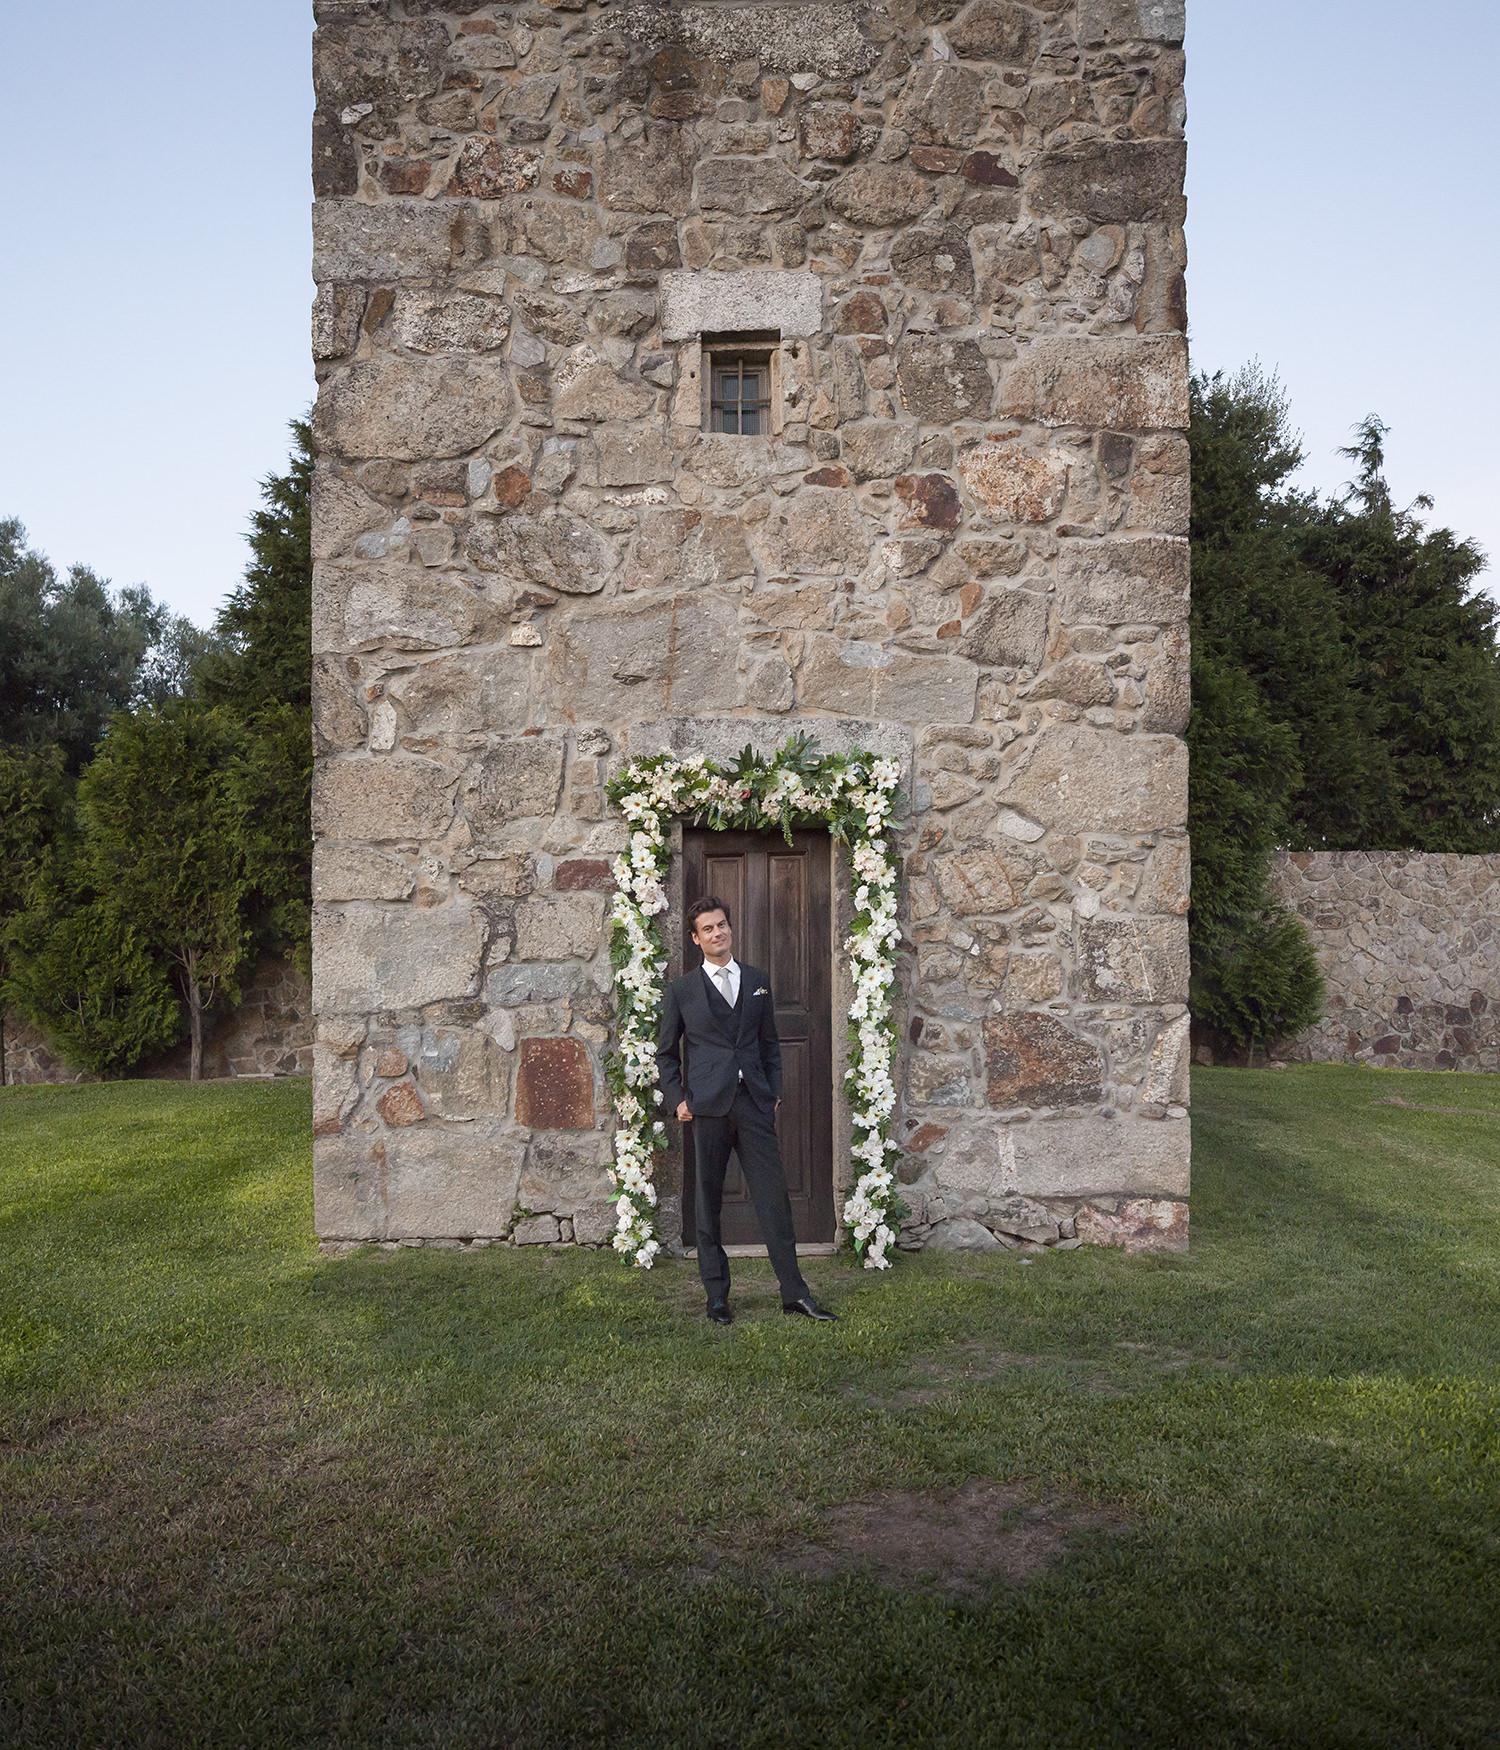 braga-wedding-photographer-torre-naia-terra-fotografia-179.jpg